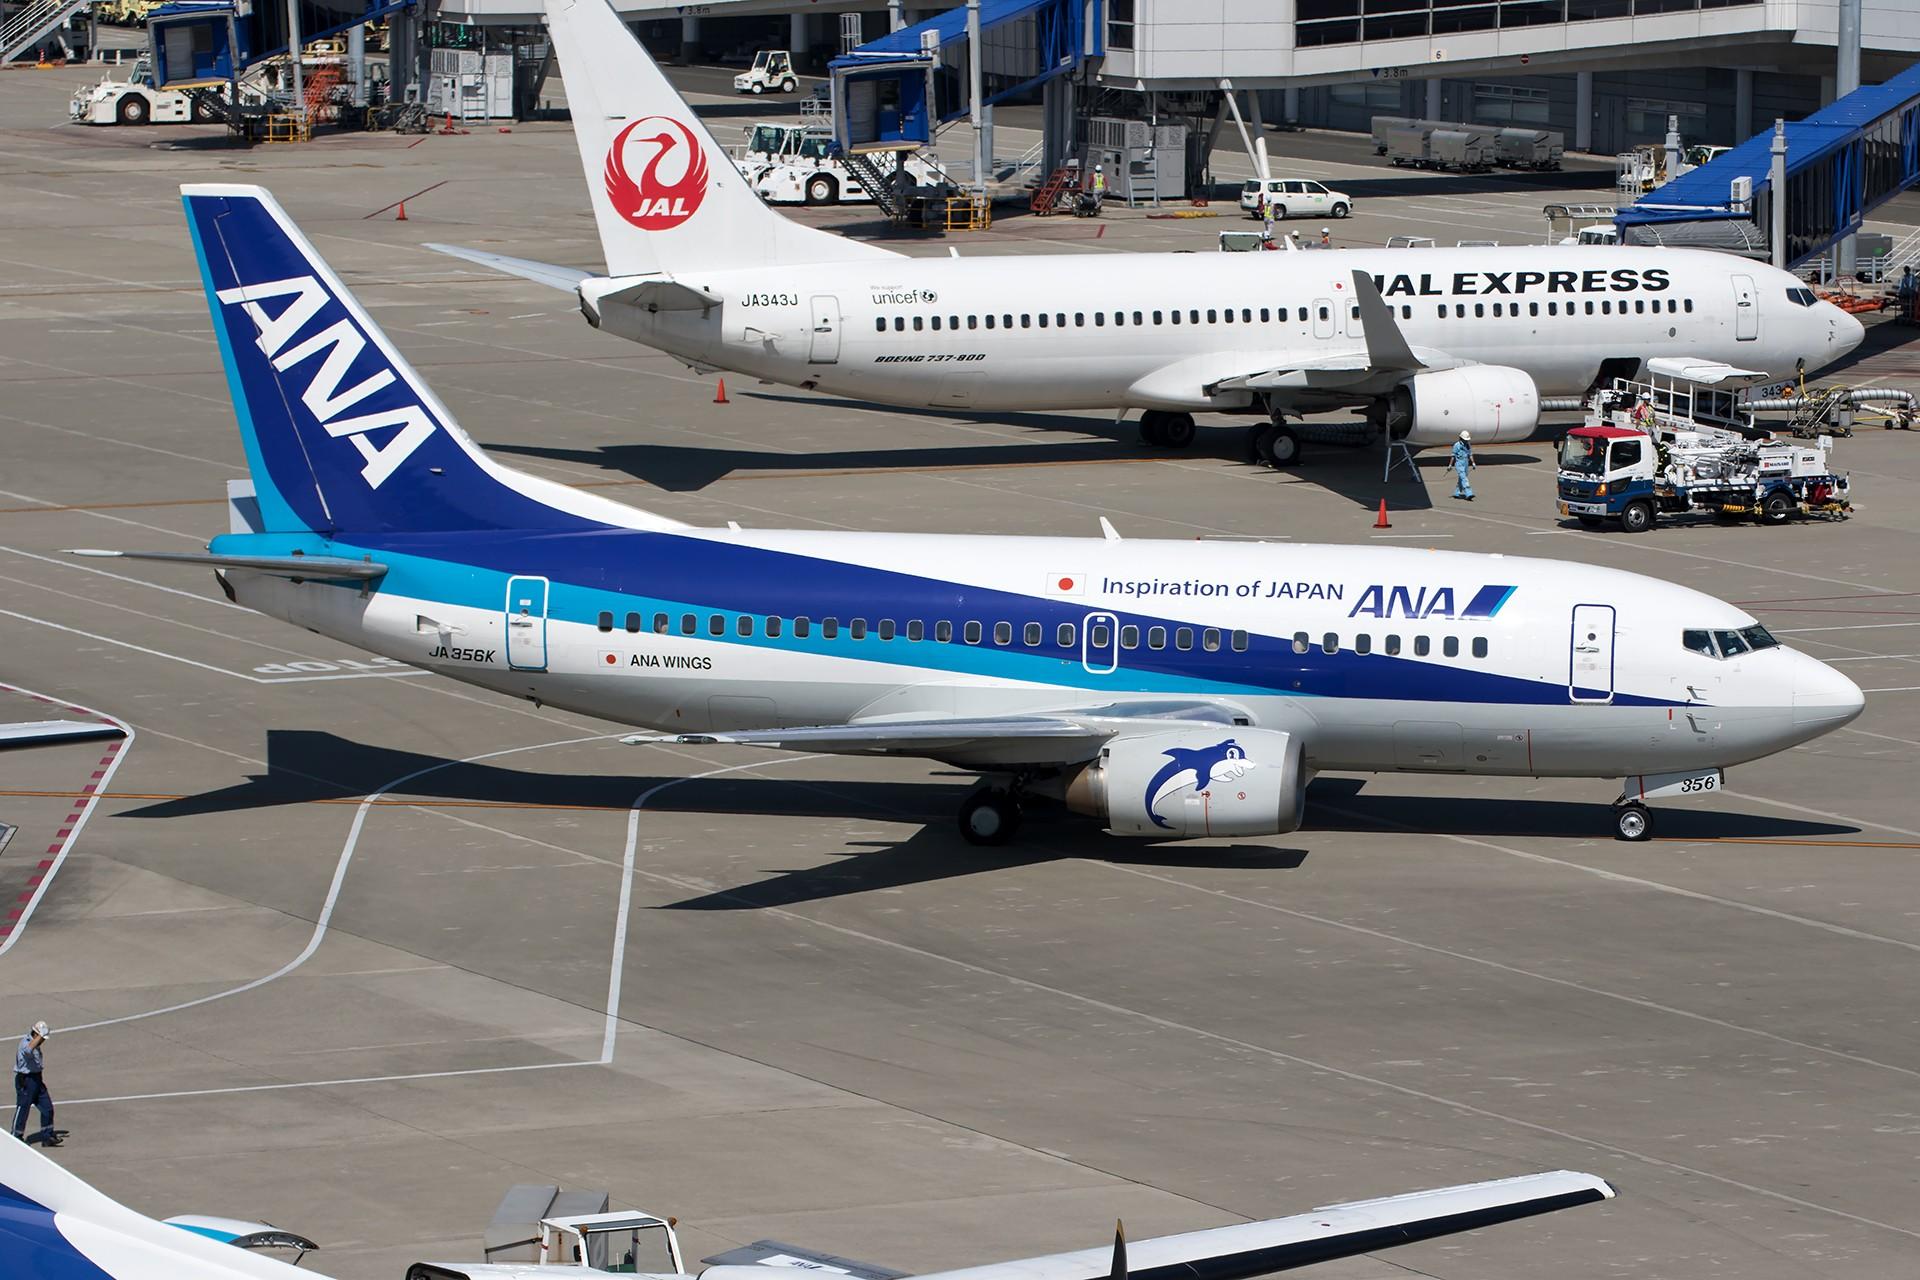 Re:[原创]【1920/1800】魅力名古屋,魅力新特里亚。——名古屋拍机组图(1) BOEING 737-500 JA356K 日本名古屋中部/新特丽亚机场